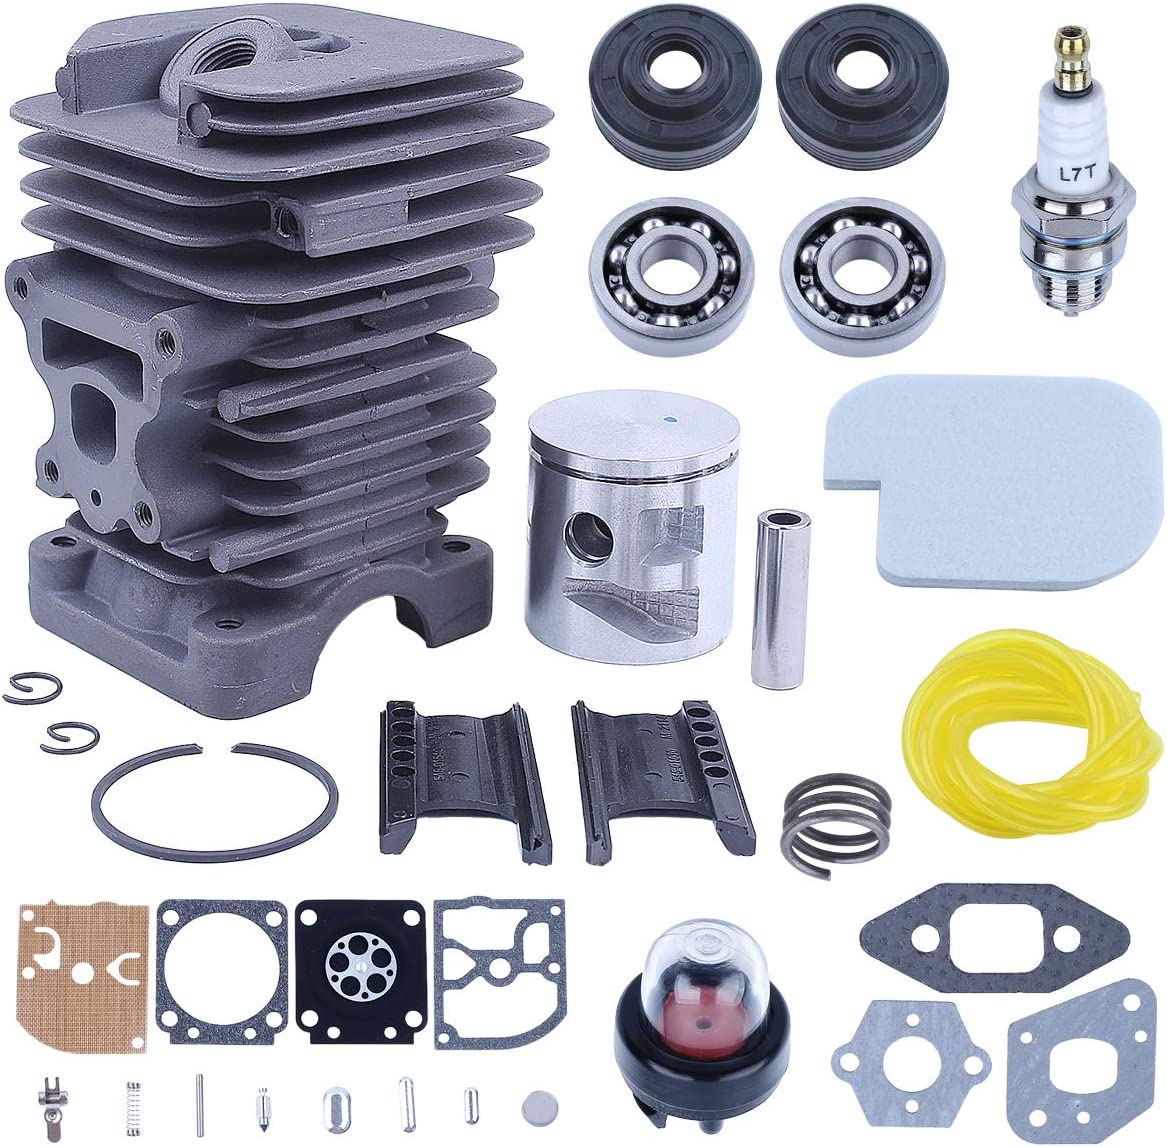 2pcs Set Metal Clutch Drum Replaces Parts For Poulan P3314 P3516 P3816 Chainsaw